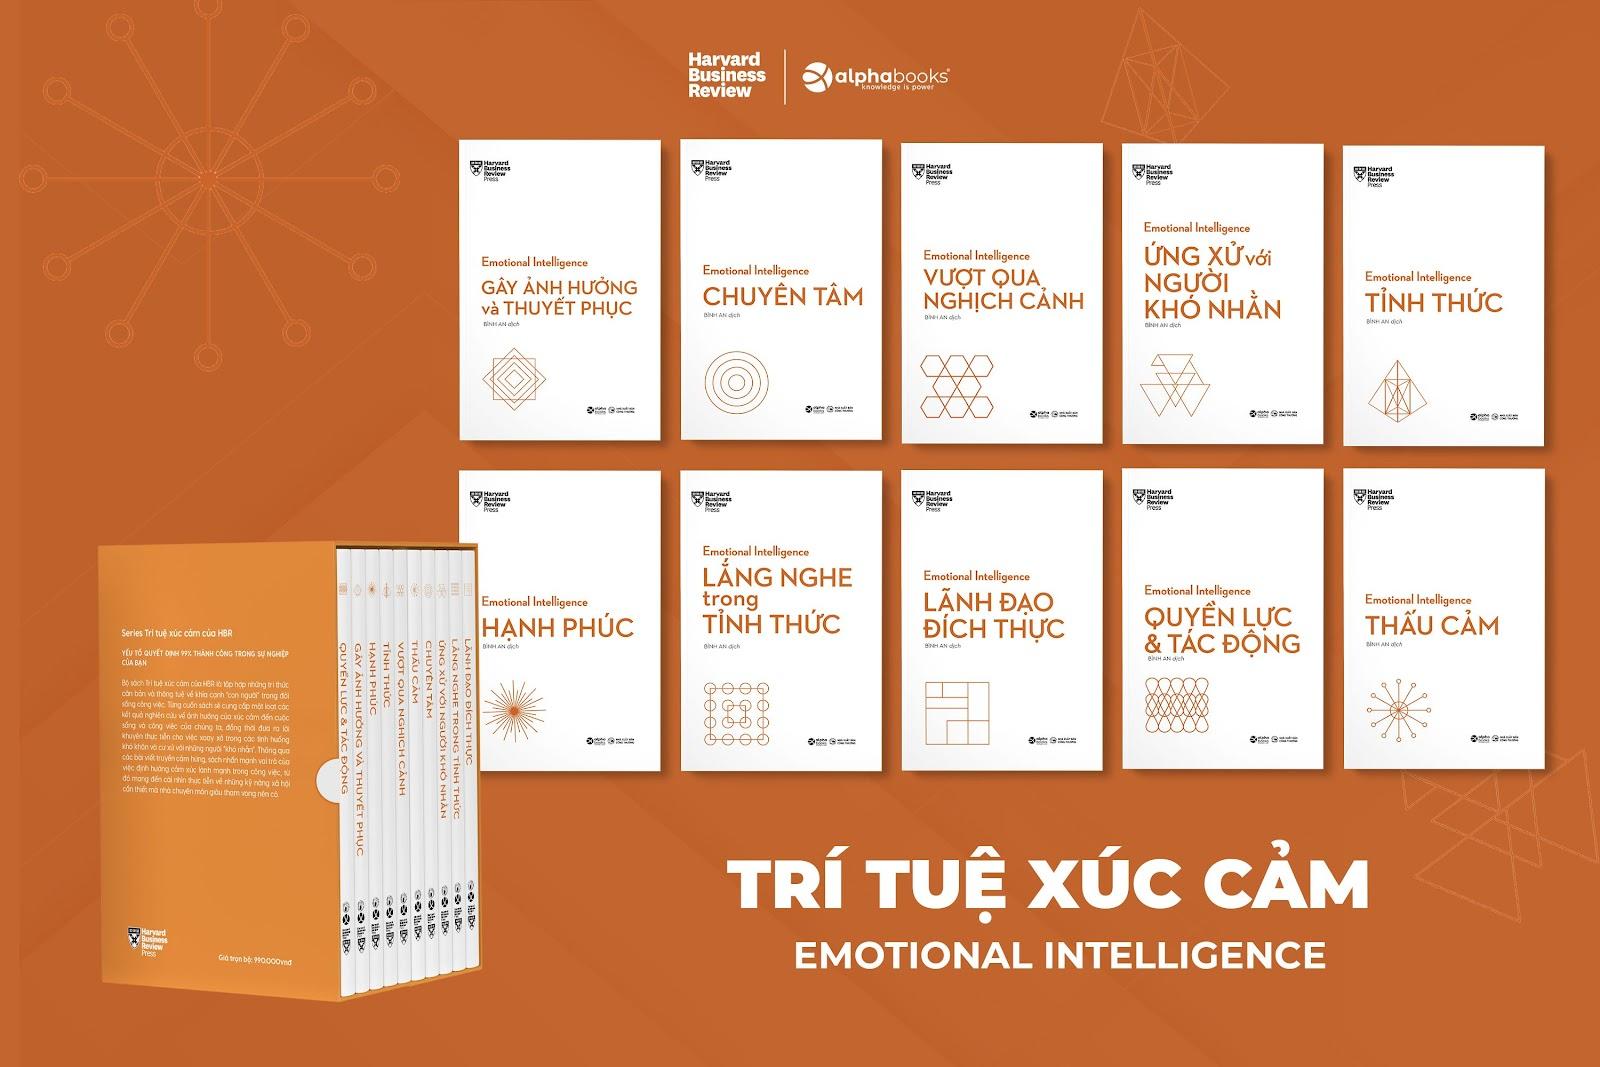 Boxset_HBR_Emotion_Intelligence__Bo_10_cuon__(Anh_ngang).jpg